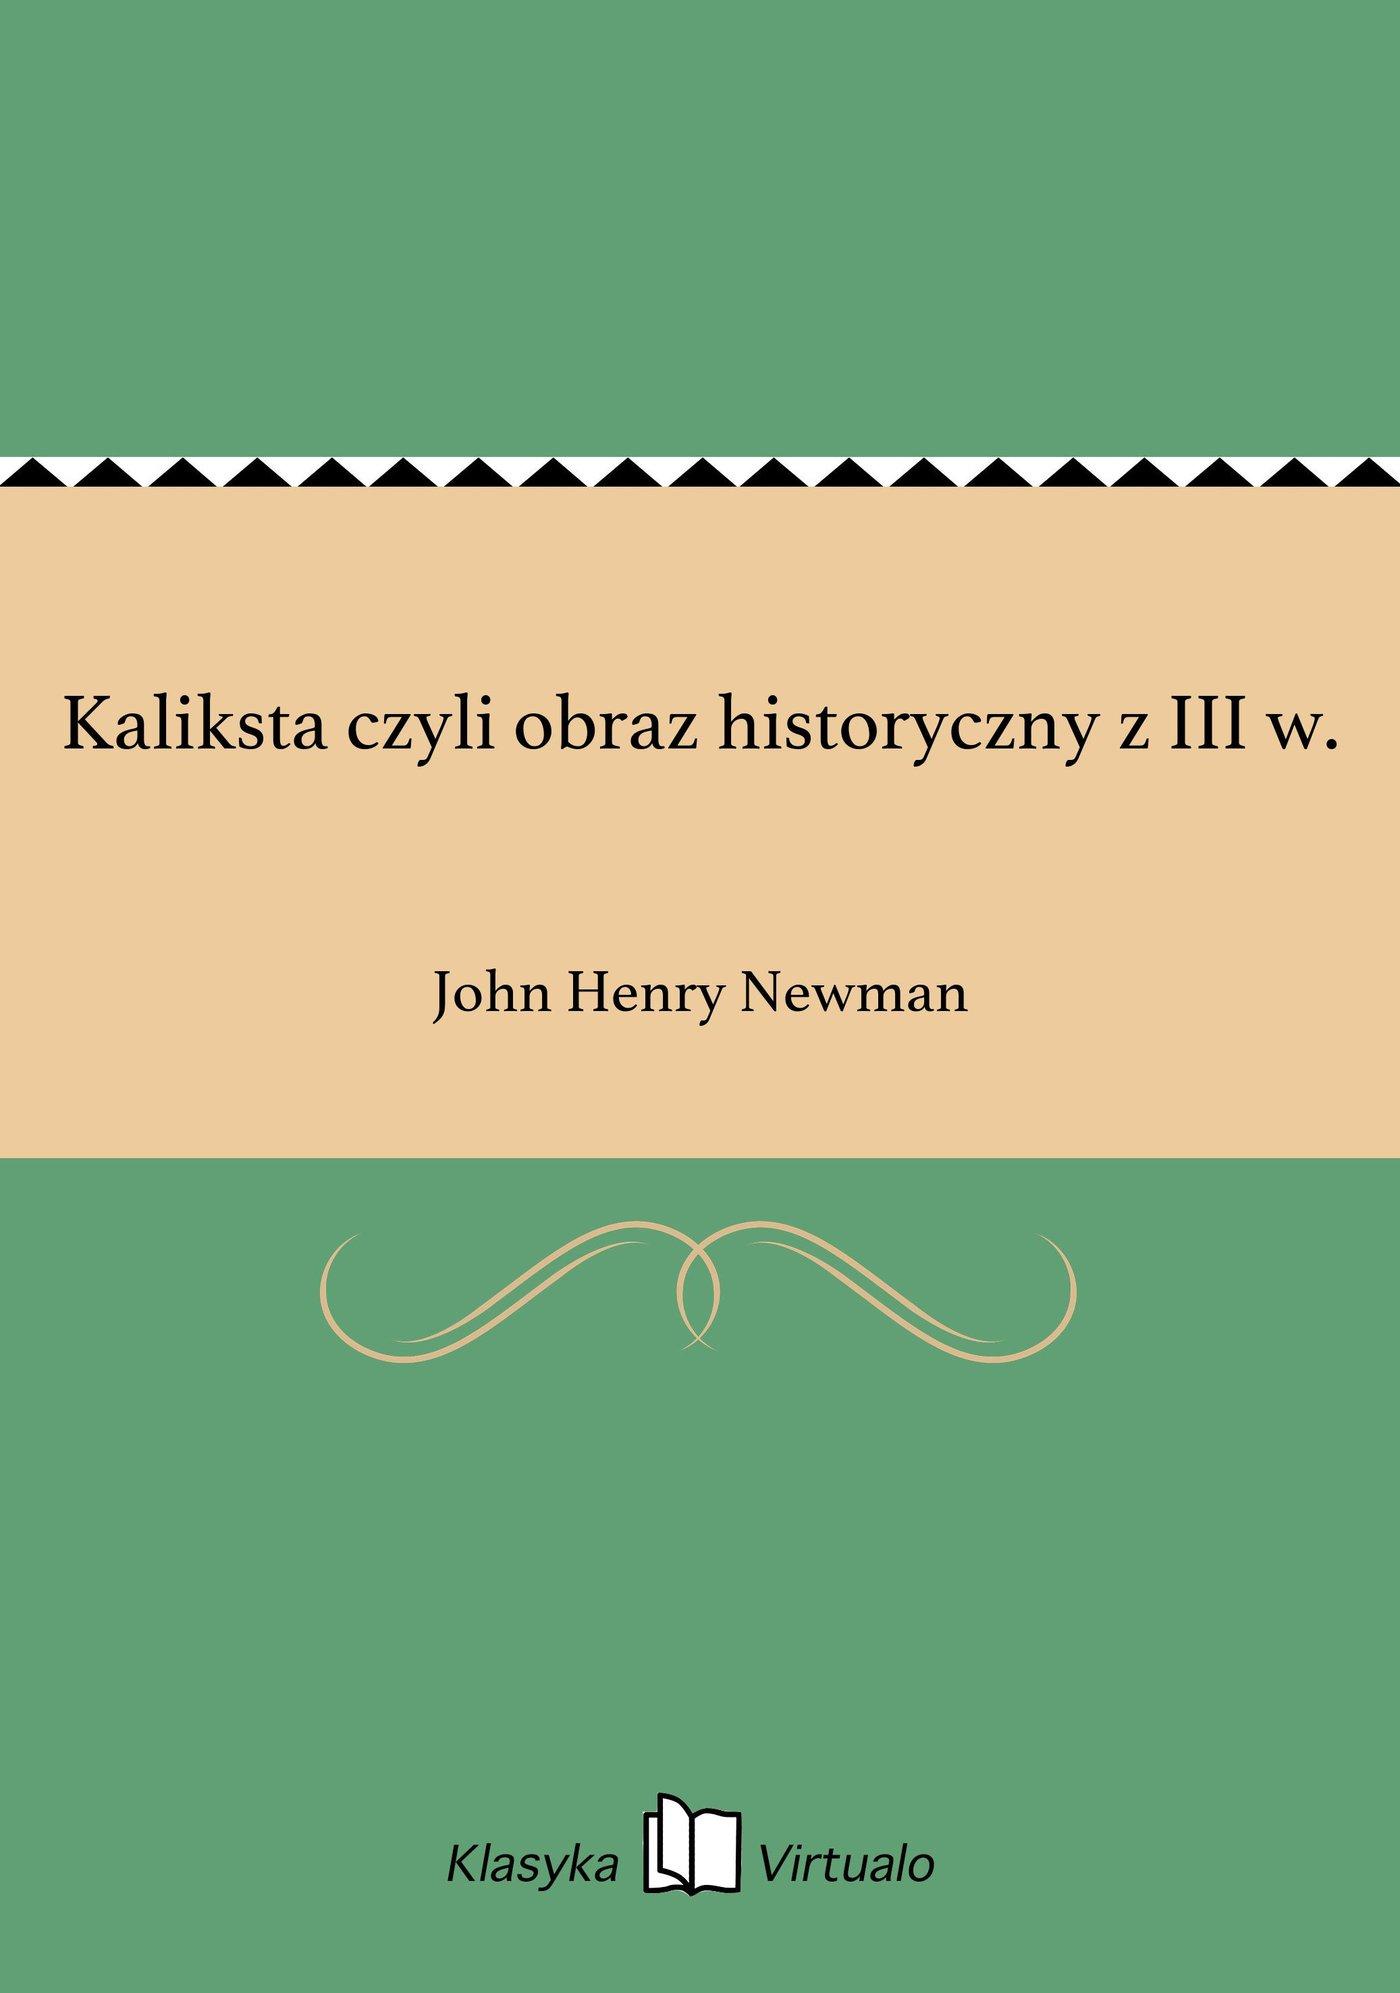 Kaliksta czyli obraz historyczny z III w. - Ebook (Książka EPUB) do pobrania w formacie EPUB